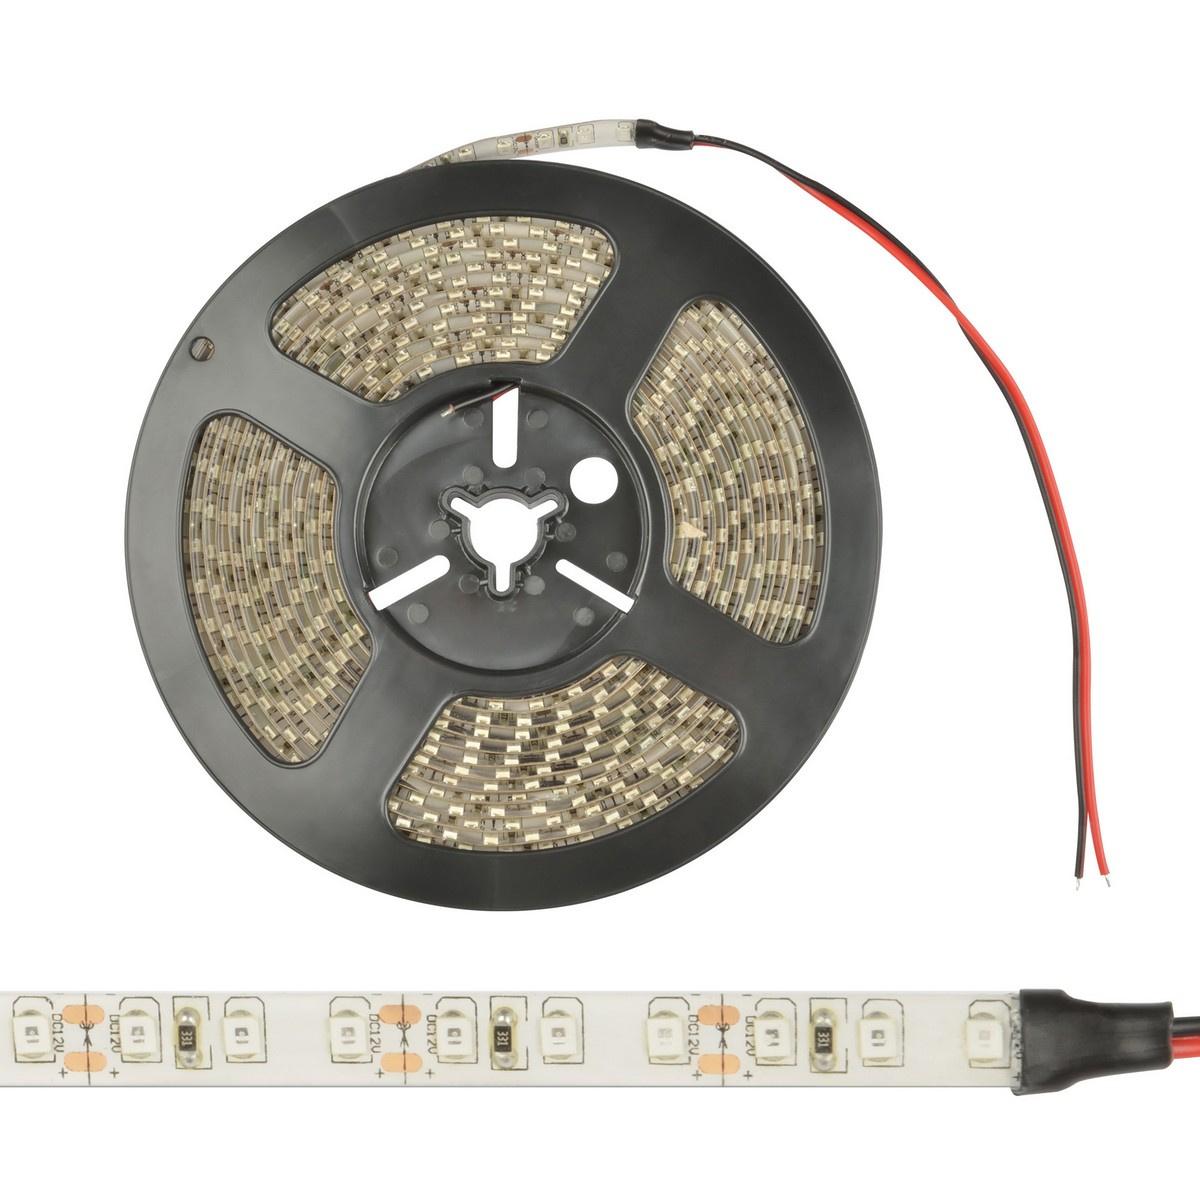 Светодиодная влагозащищенная лента Uniel (UL-00000894) 9,6W/m 120LED/m 2835SMD теплый белый 5M ULS-2835-120LED/m-8mm-IP65-DC12V-9,6W/m-5M-WW лента светодиодная эра ls3528 120led ip65 ww eco 5m